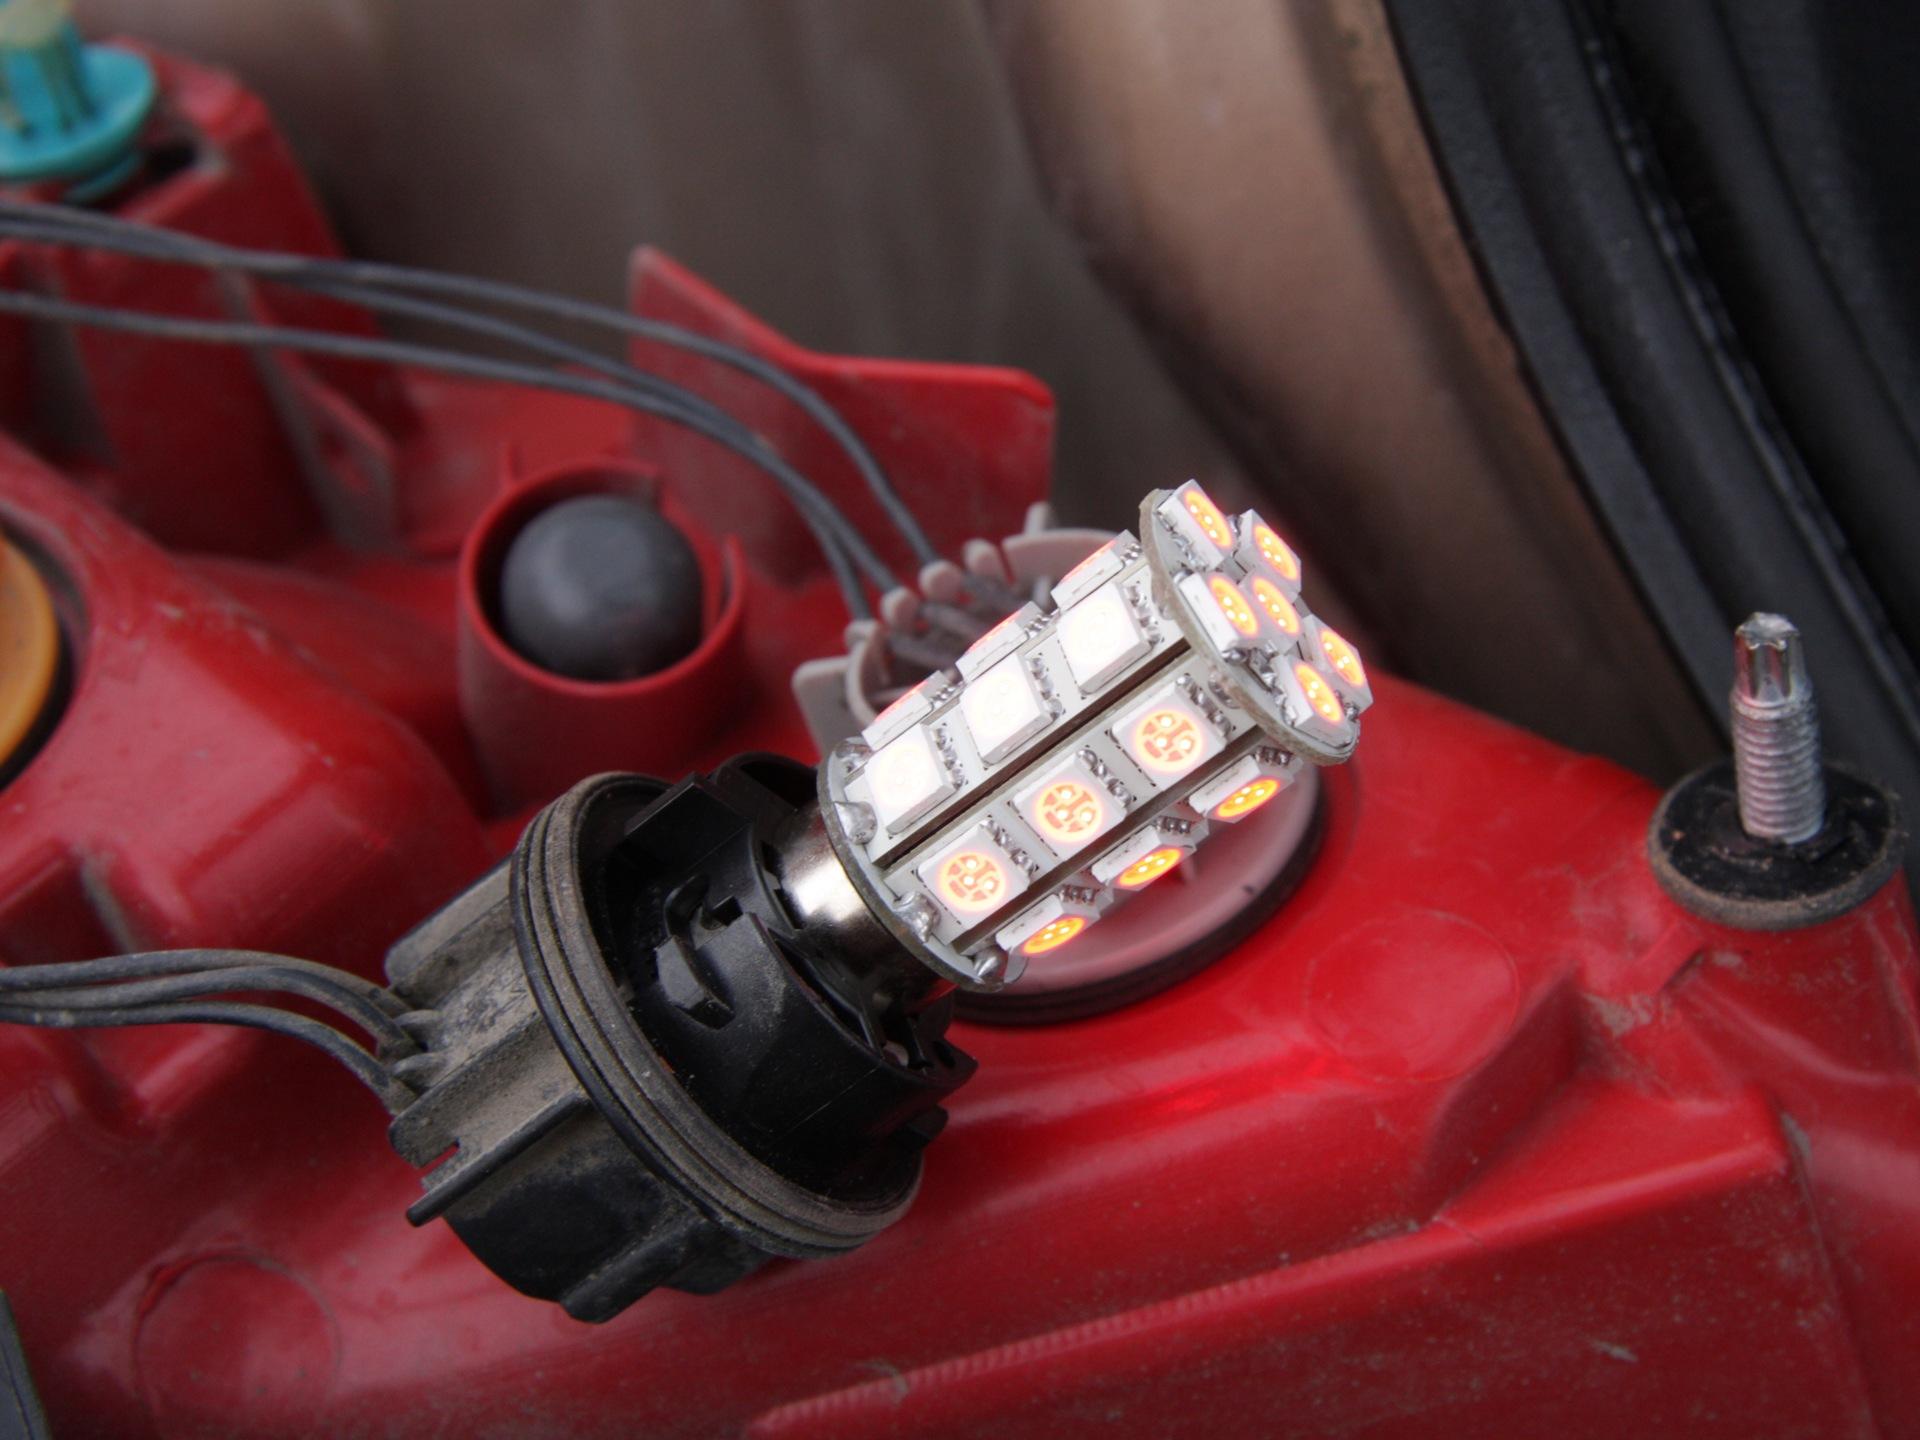 Не горит светодиодная лампа на авто: что следует сделать?